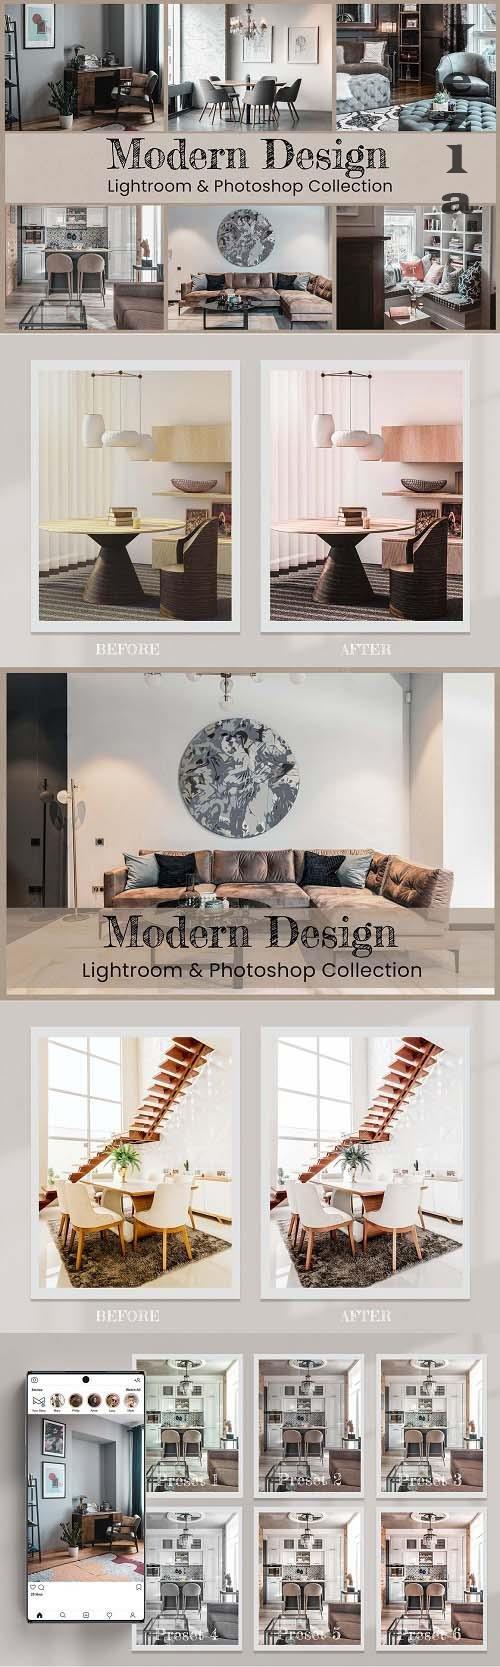 Modern Design Lightroom Photoshop - 6540863